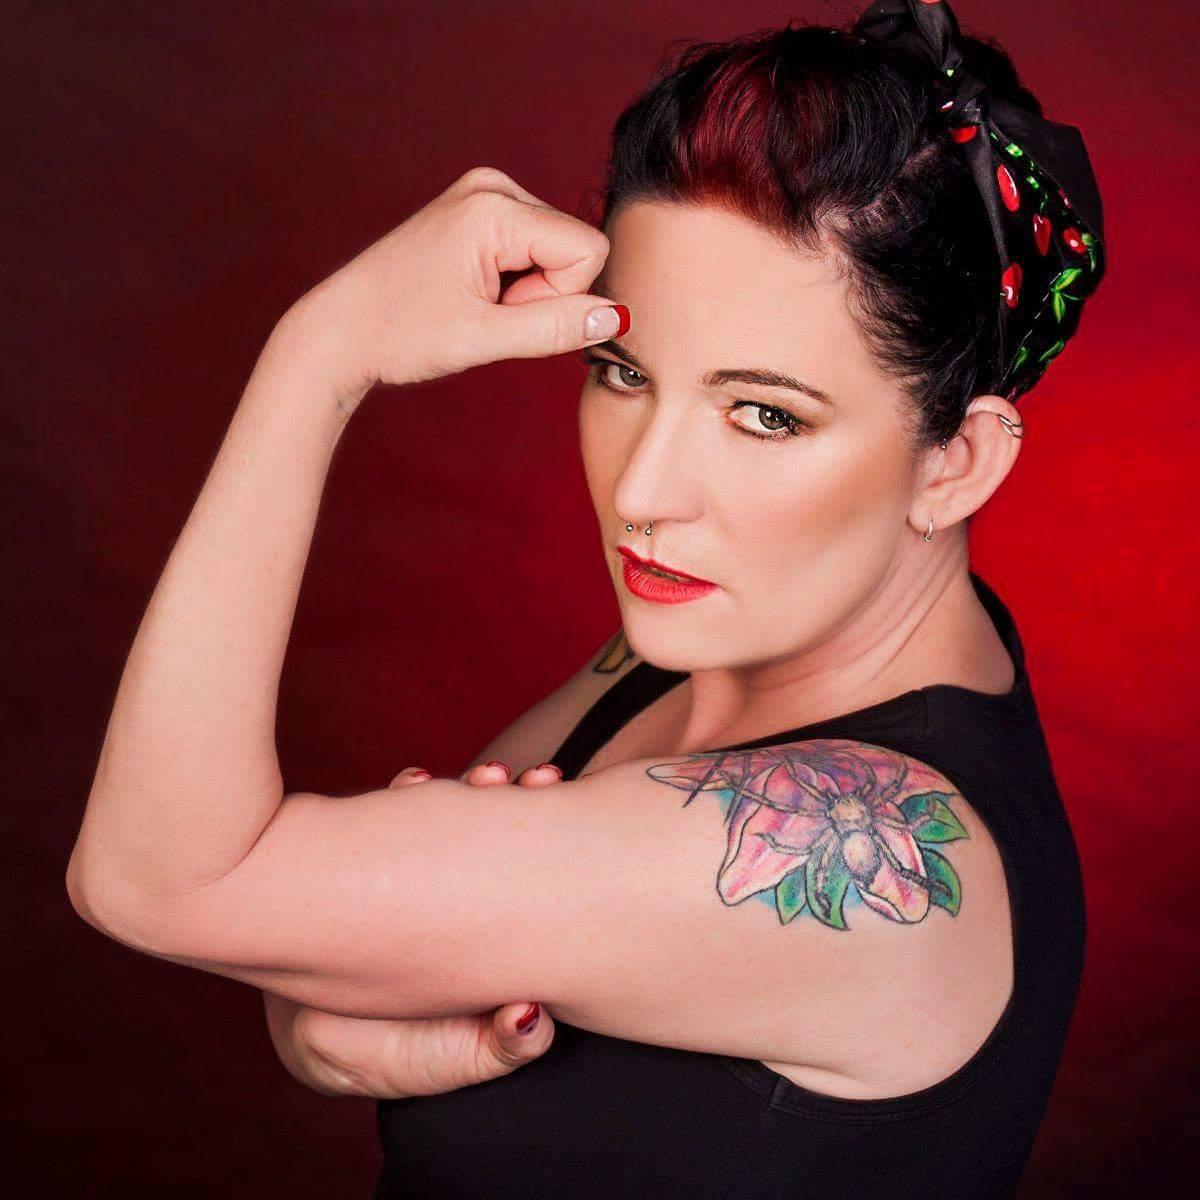 Jacqueline's profile picture